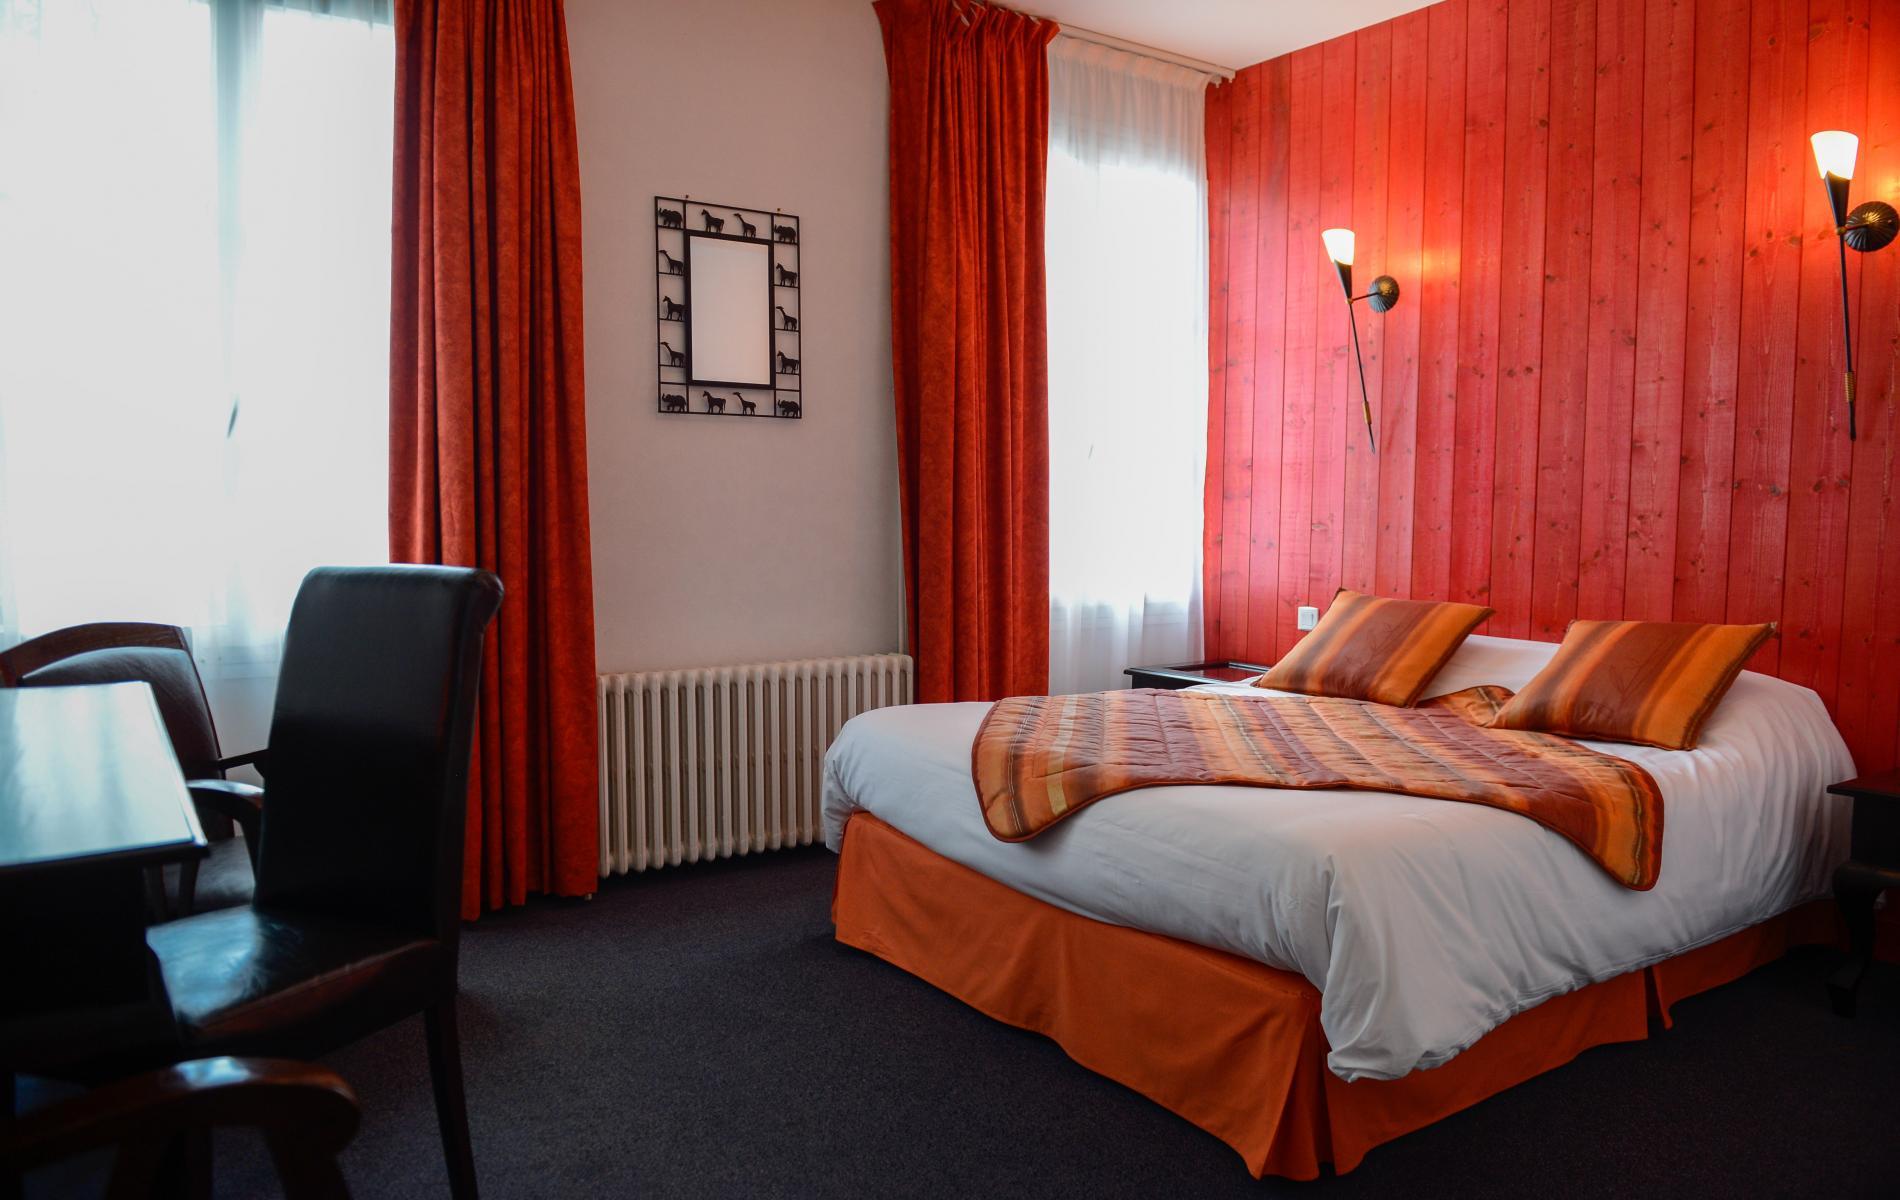 Chambre standard Hôtel des ducs